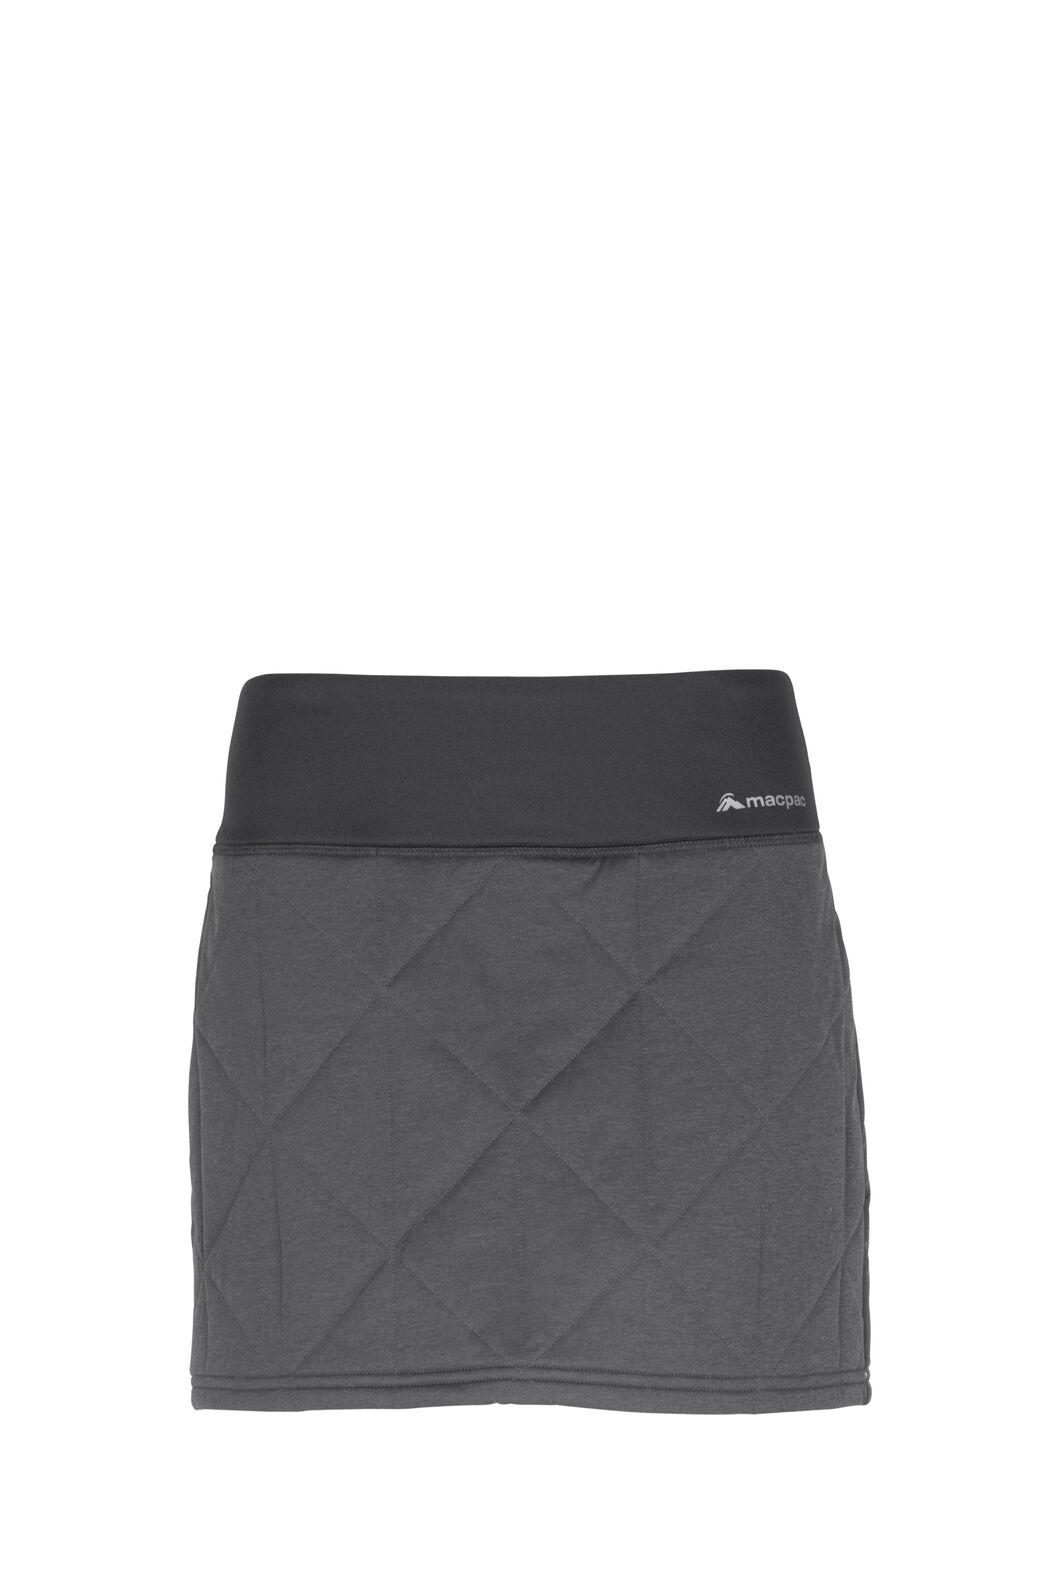 Macpac Accelerate PrimaLoft® Skirt - Women's, Black, hi-res